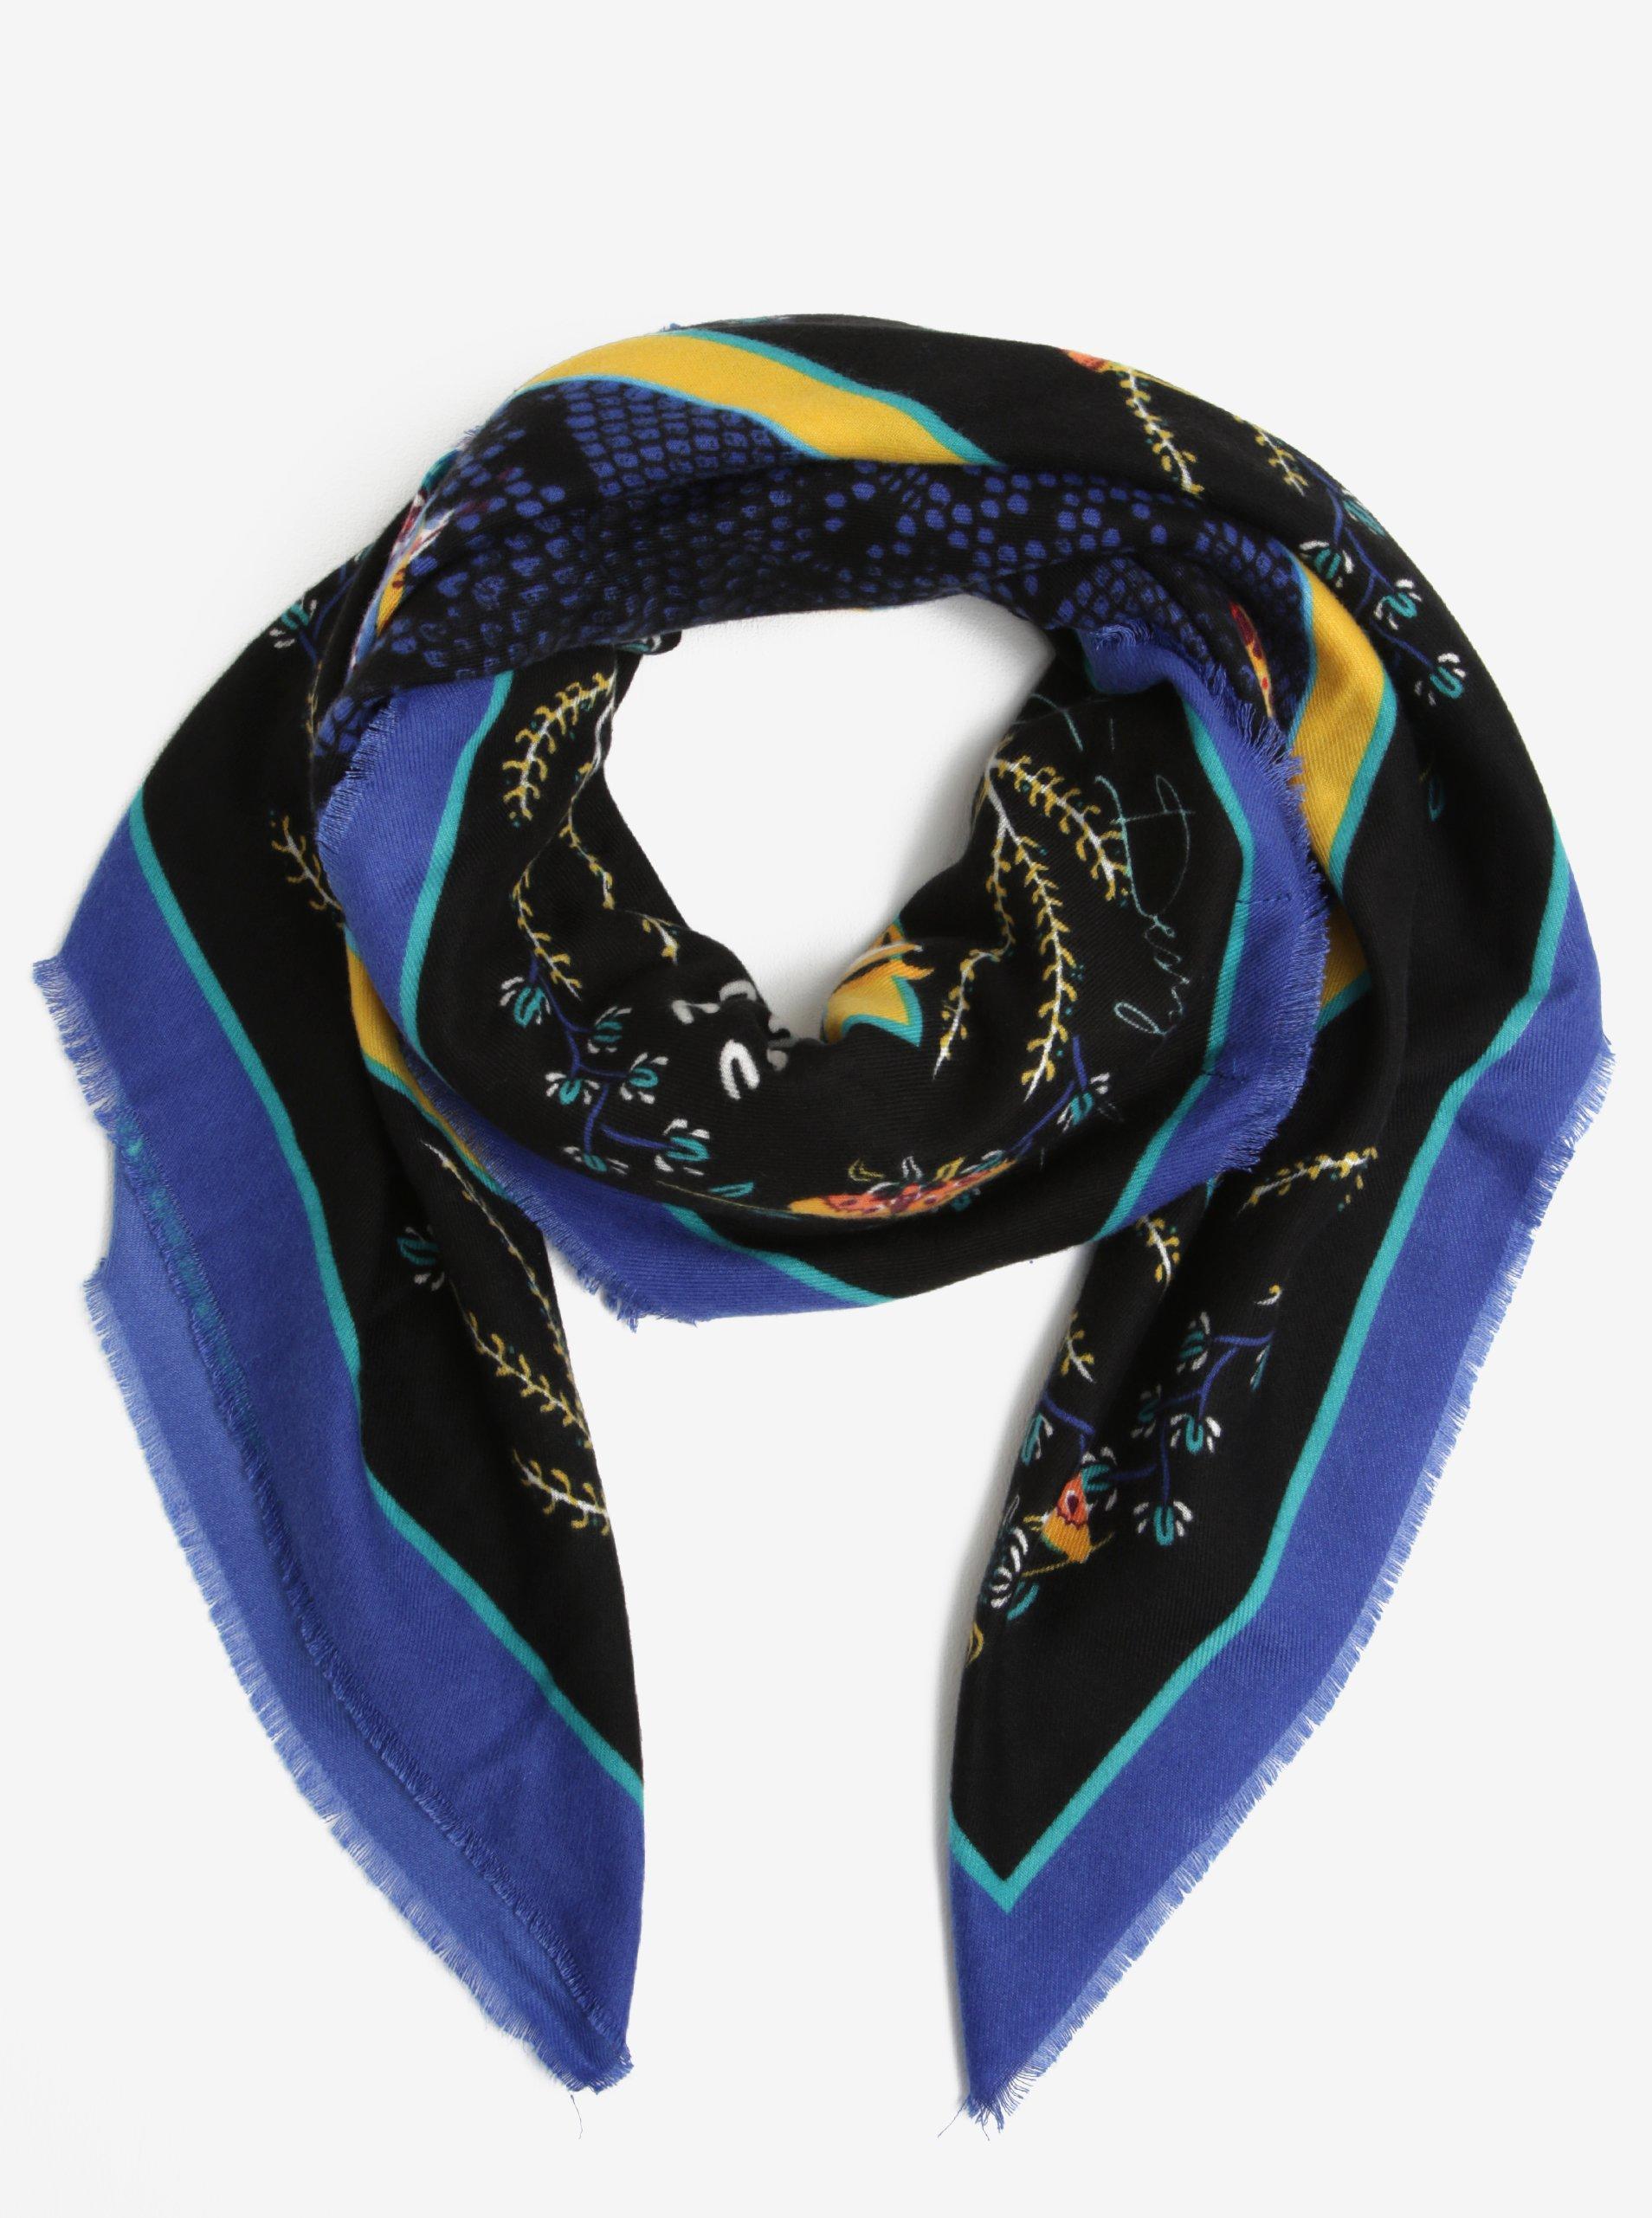 Černý vzorovaný šátek s roztřepenými lemy Desigual Foulard Rectangle 17d2909979